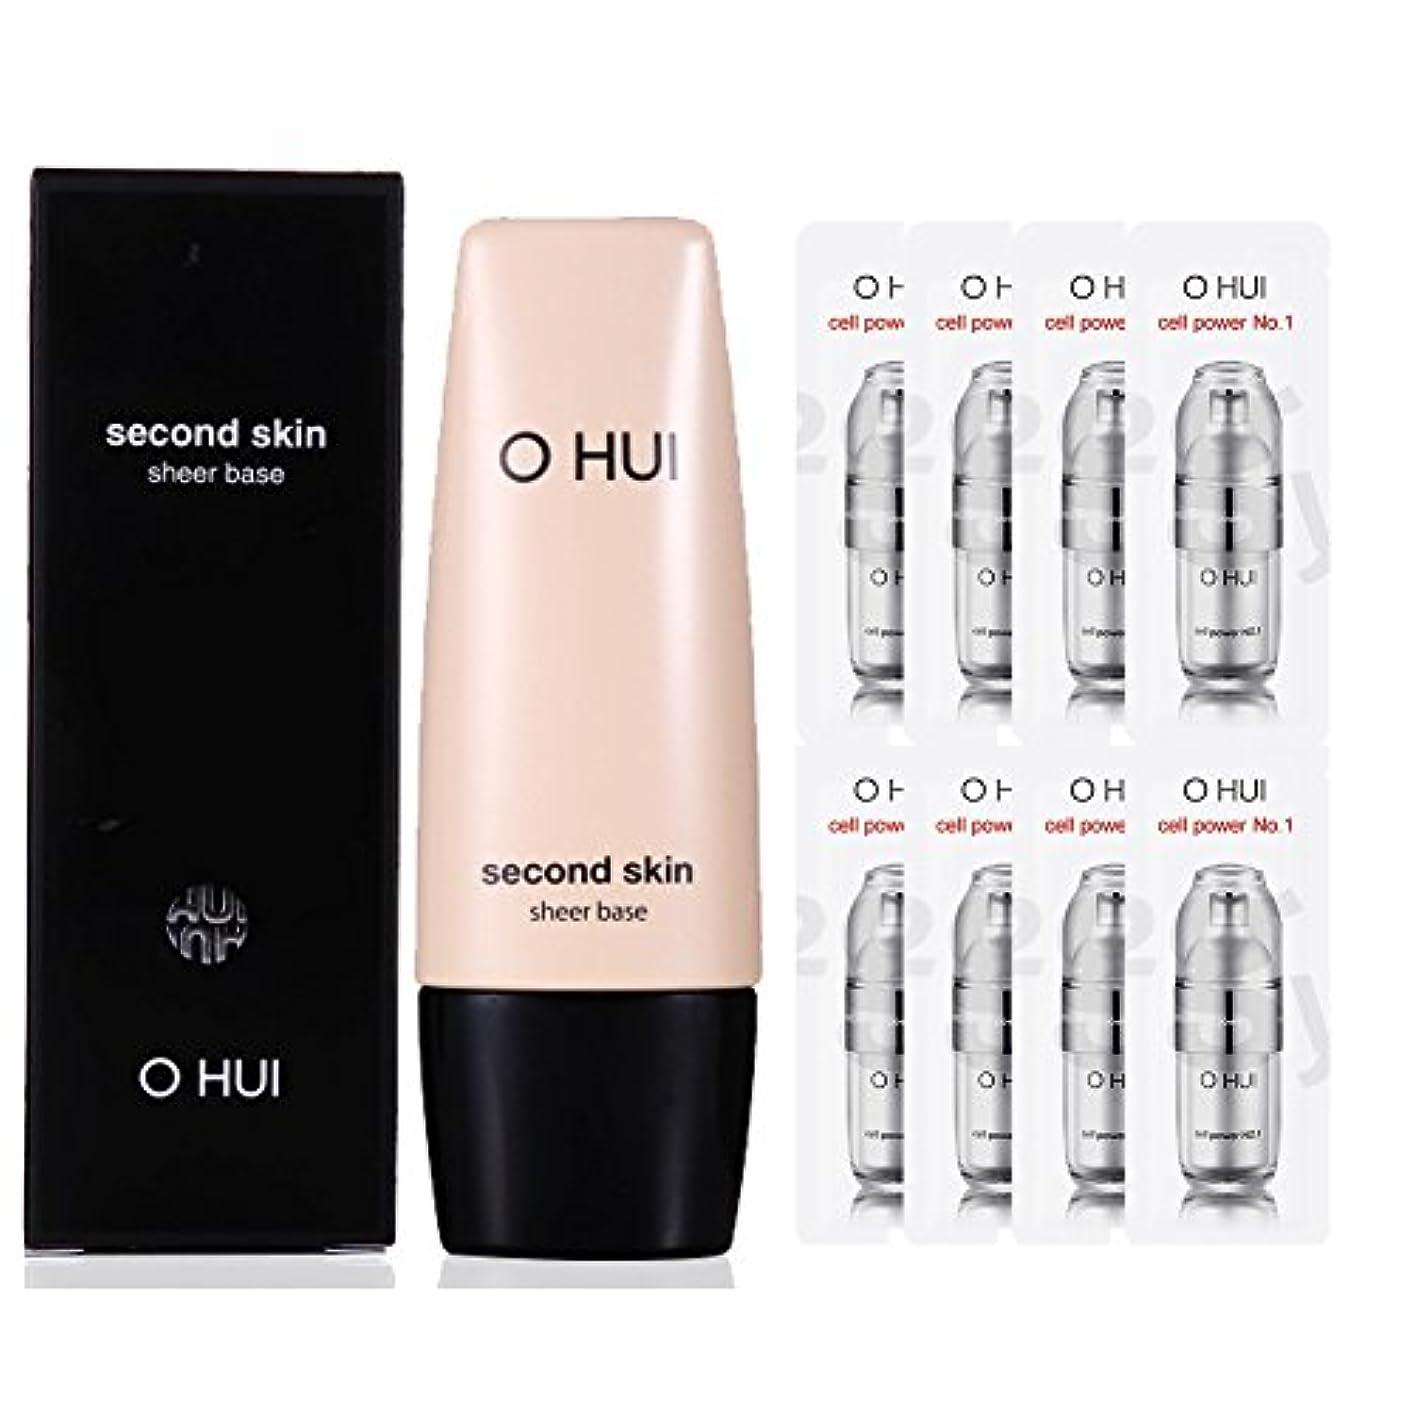 切る不調和マイクロフォンOHUI/オフィセカンドスキン シアーベース + 特別の構成 (OHUI SECOND SKIN SHEER BASE Makeup Base +Special Gift set)]【スポットセール】[海外直送品]